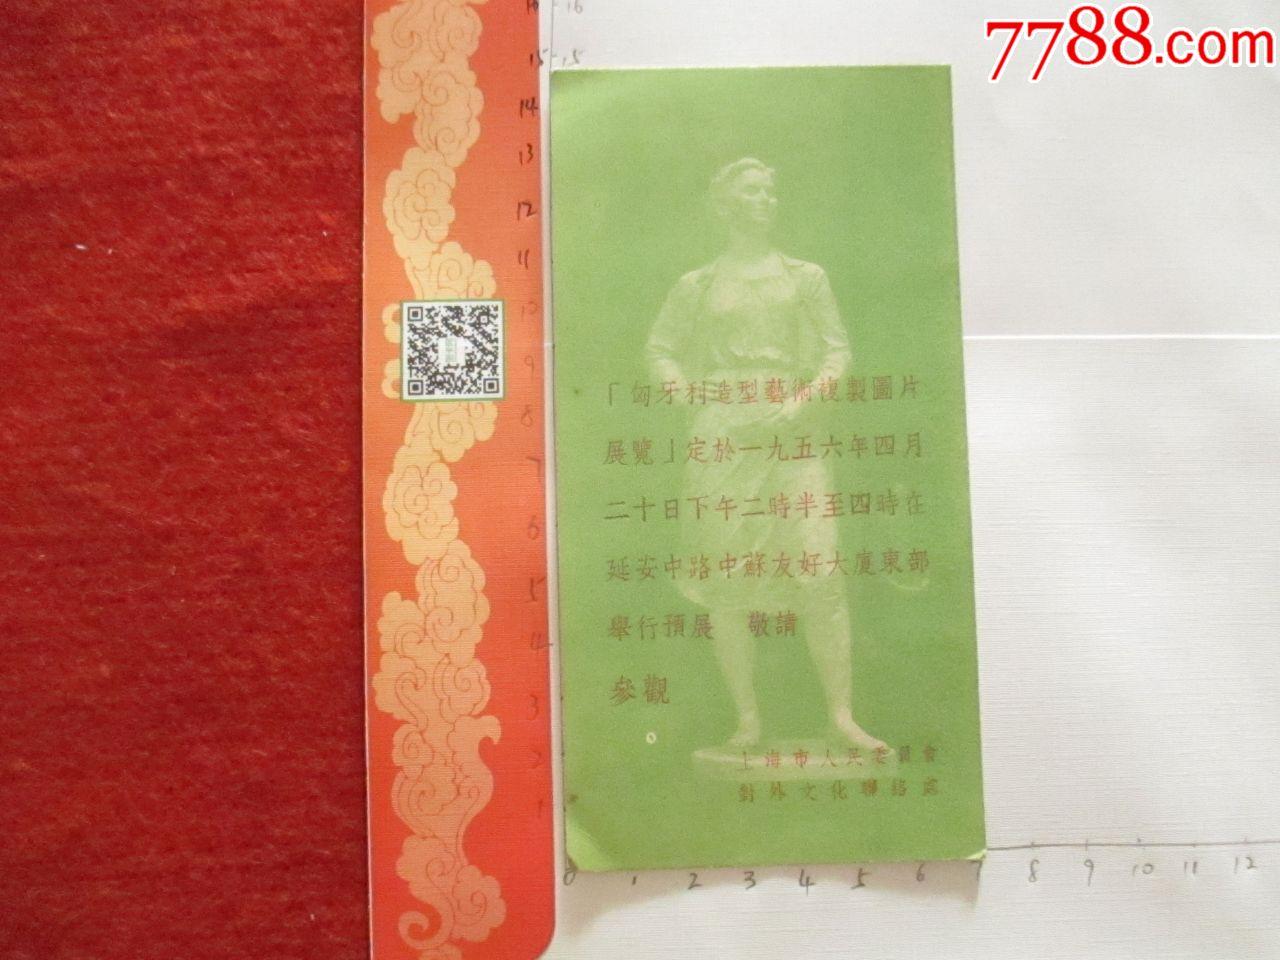 1956年匈牙利造型艺术复制图片展览门票--上海市人民委员会(au20591362)_